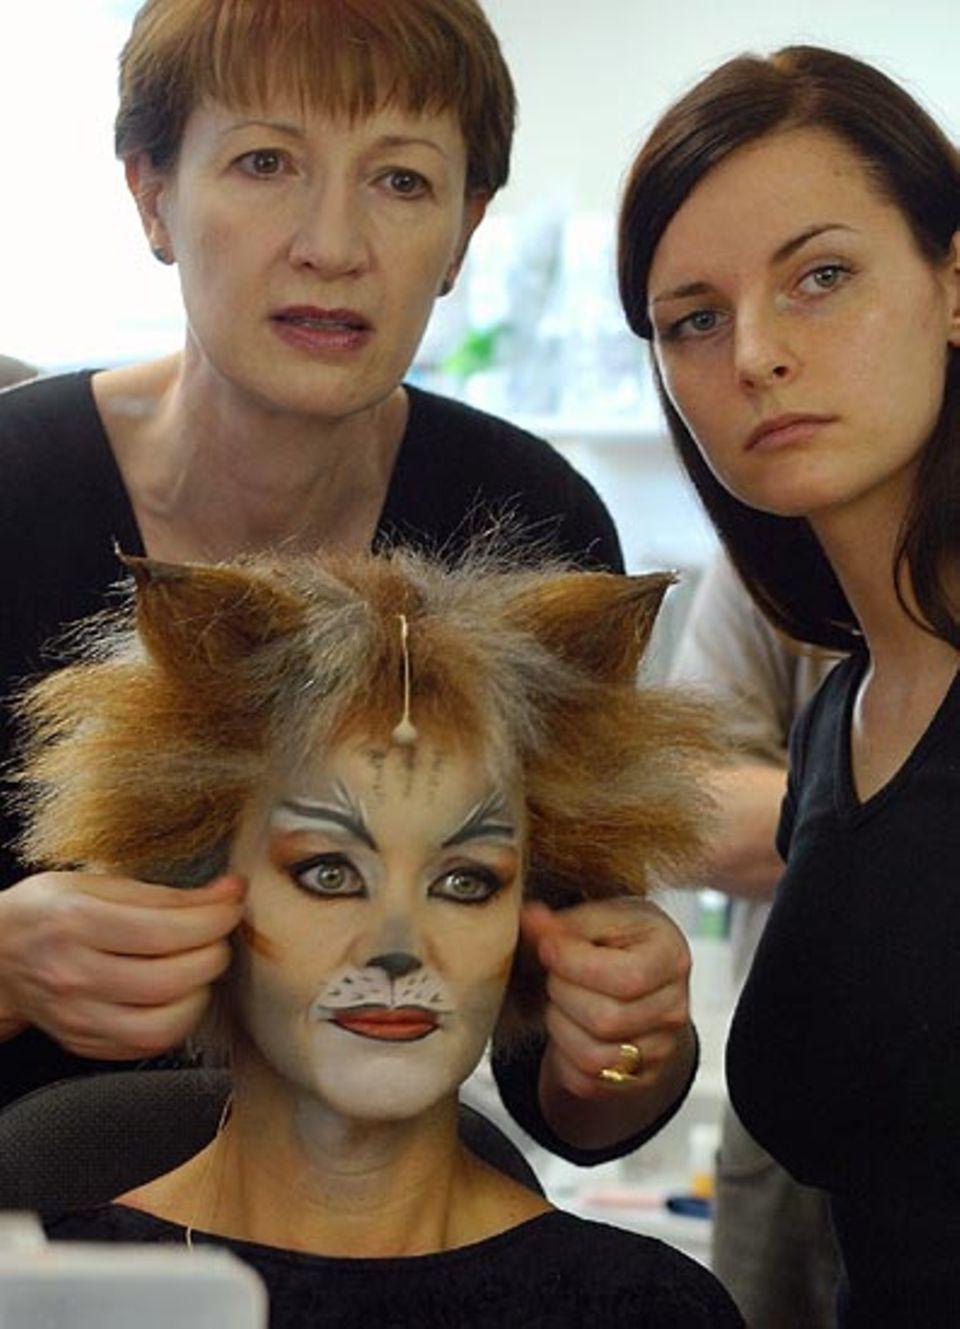 """Beruf: Ganz vorsichtig setzt die Maskenbildnerin der """"Katze Grizabella"""", die von Cornelia Drese gespielt wird, die Perücke auf - damit die Schminke nicht verschmiert wird. Bis zum 30. Januar 2004 kann man sich CATS noch im Theater am Potsdamer Platz in Berlin anschauen"""